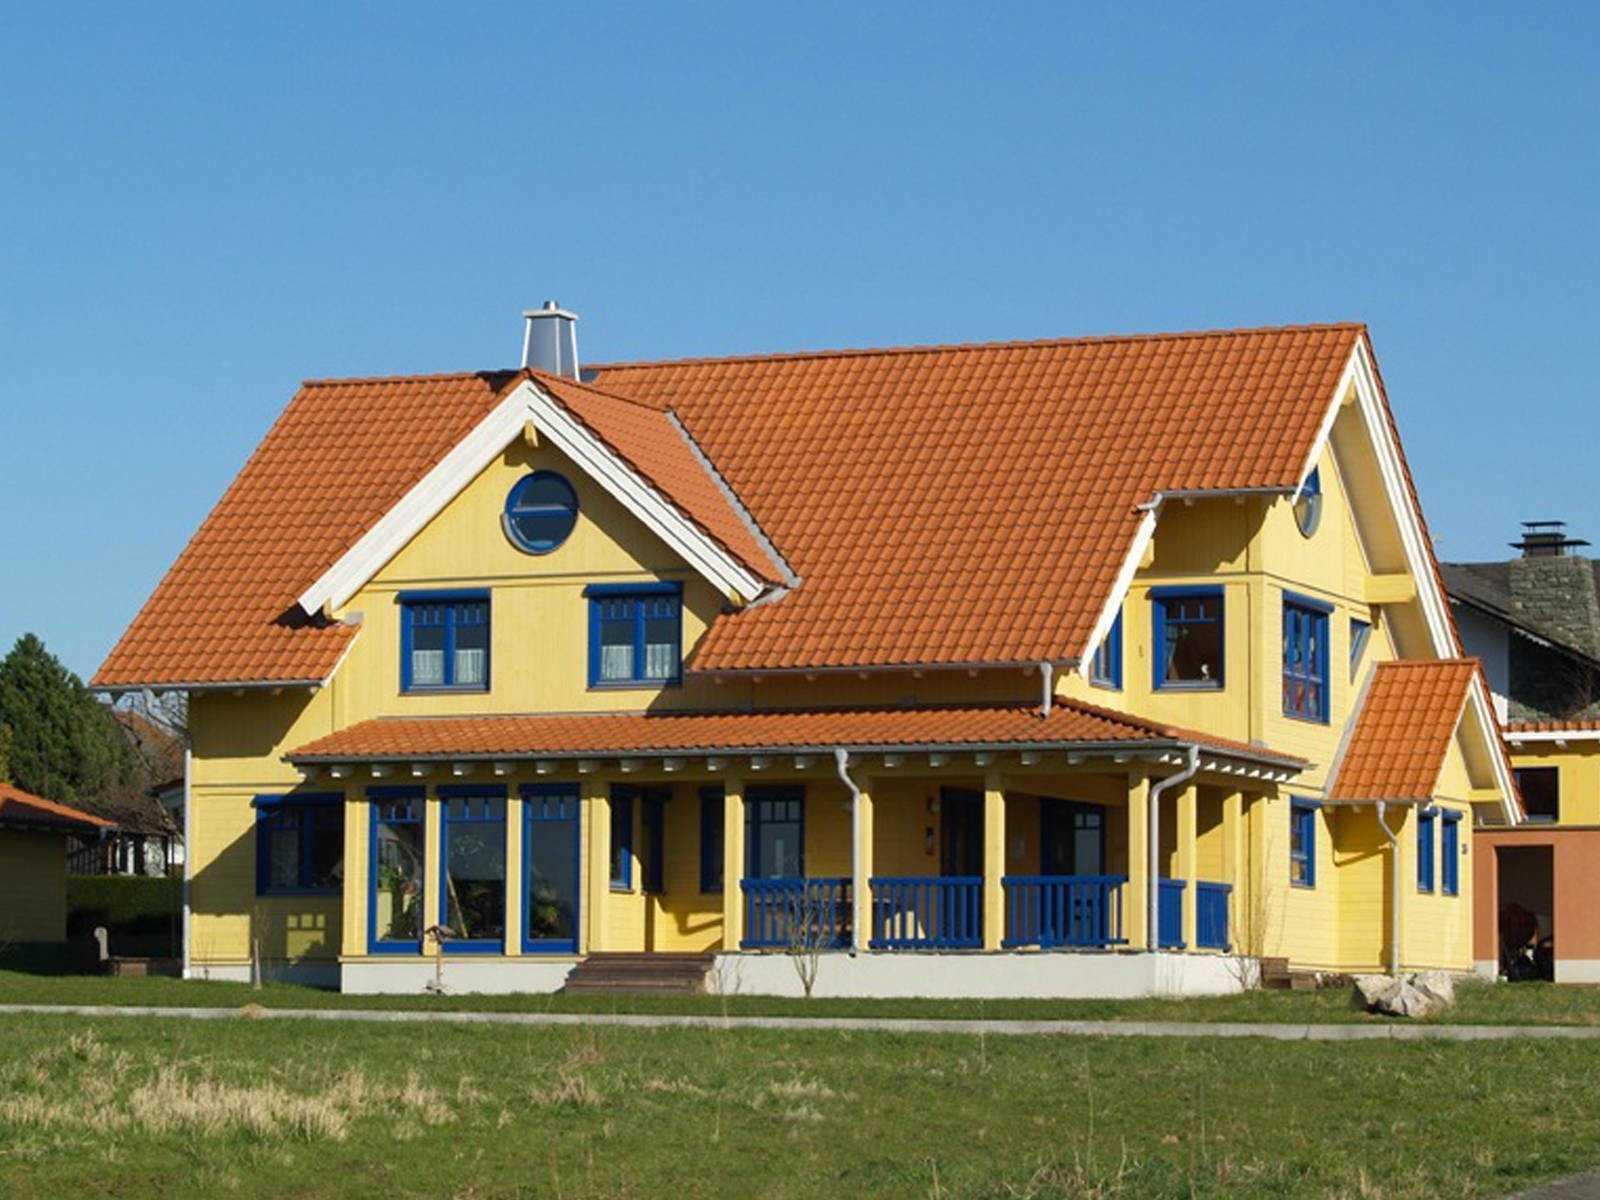 Haus-Idee N05 - Nordisch - Vöma-Bio-Bau   Musterhaus.net